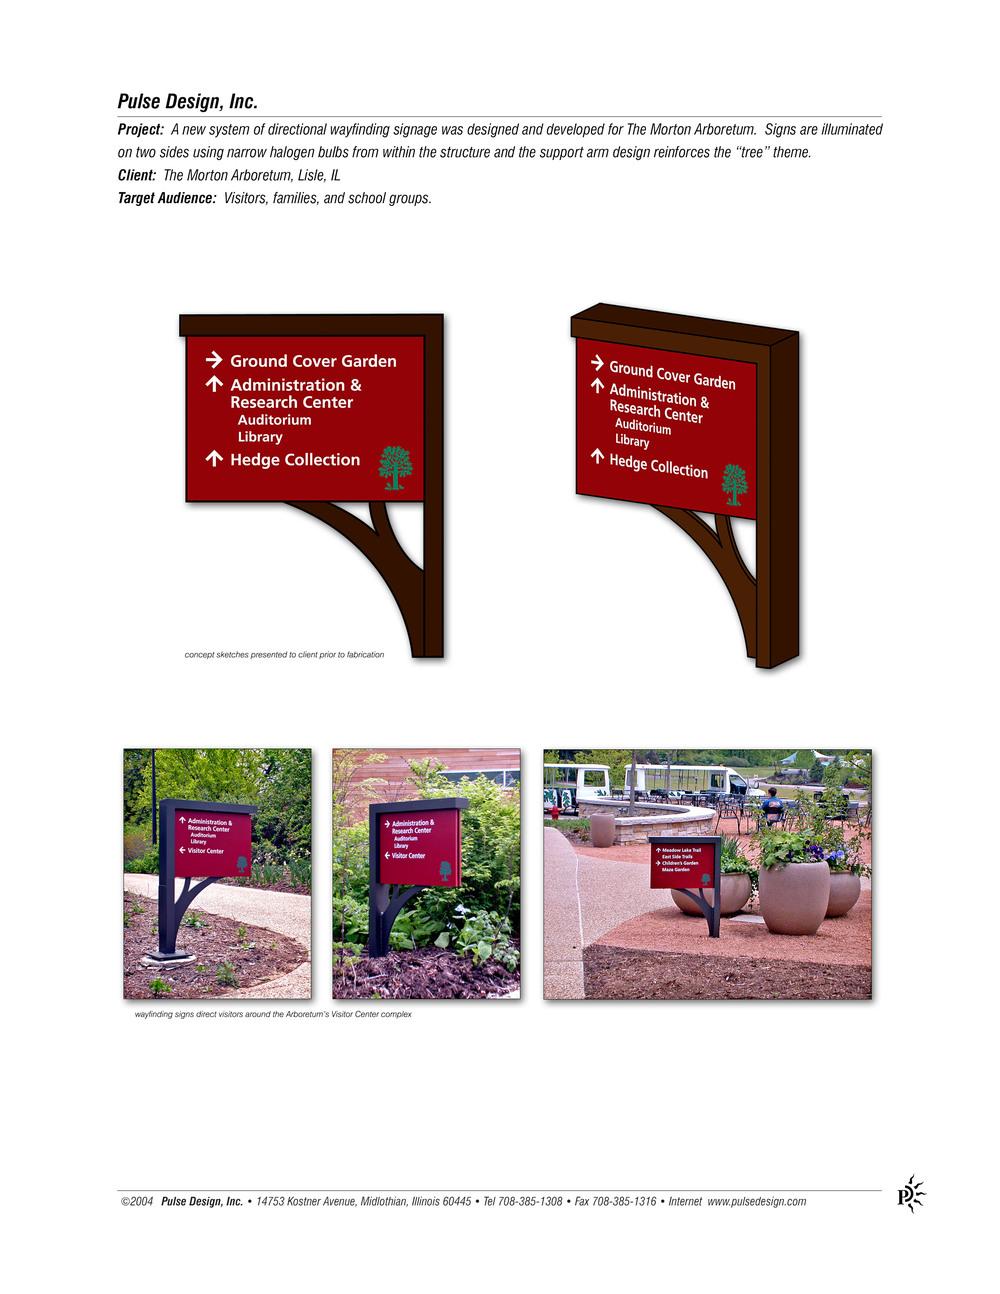 Morton-Arboretum-Wayfinding-Signs-Exterior-Pulse-Design-Inc.jpg